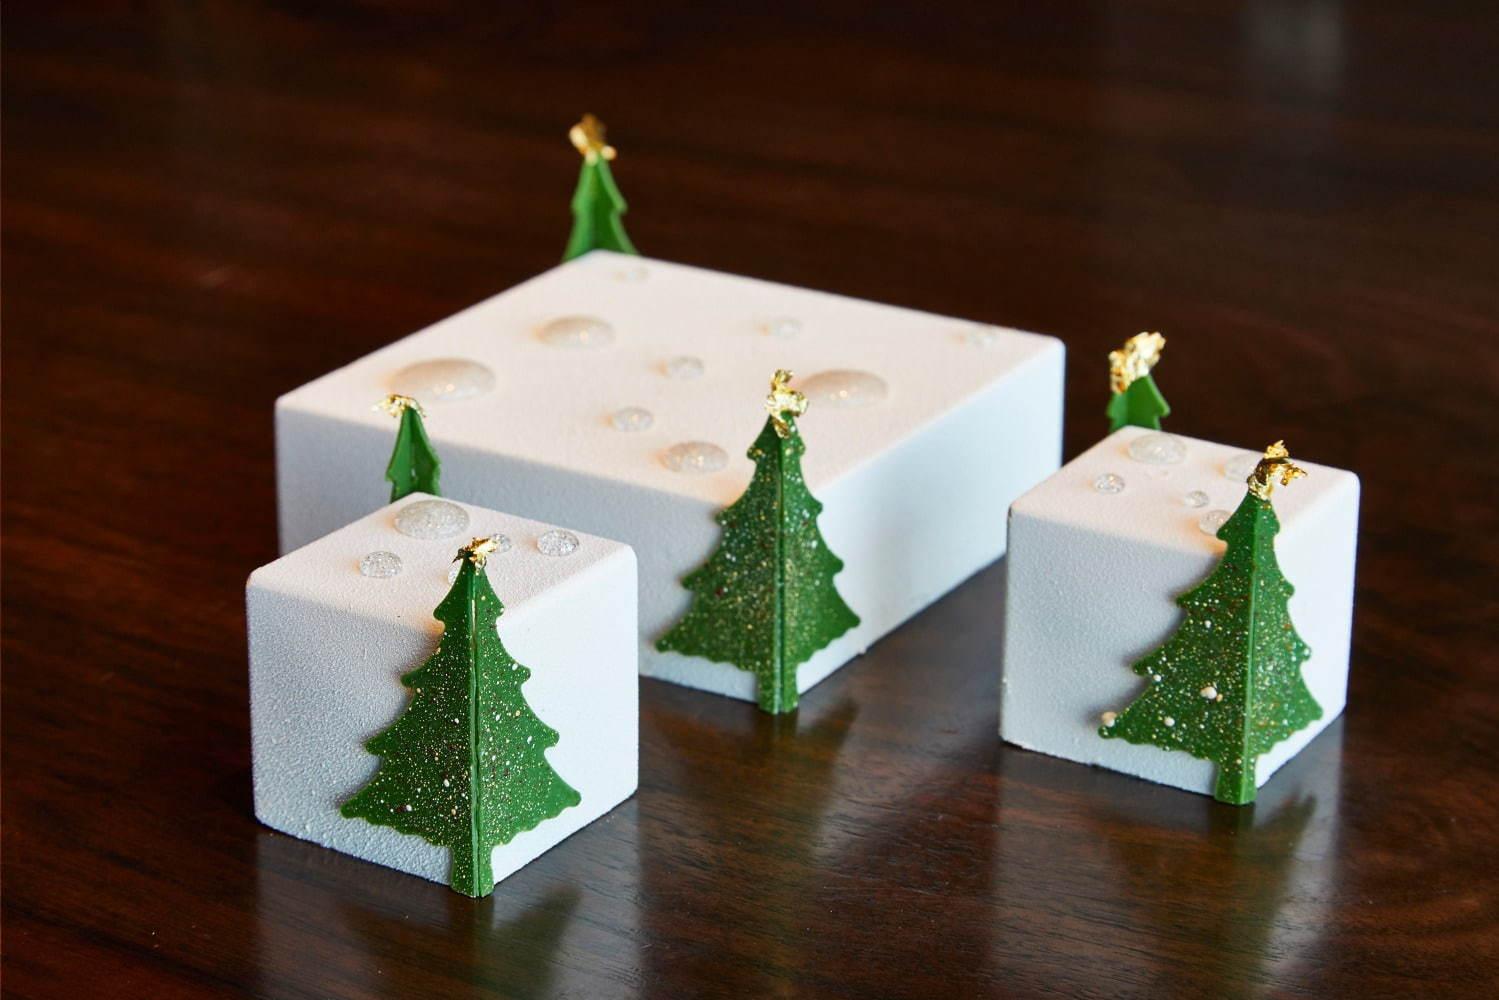 嬉しいプレゼント  「ホワイトフォレスト」_c0124528_09160633.jpg